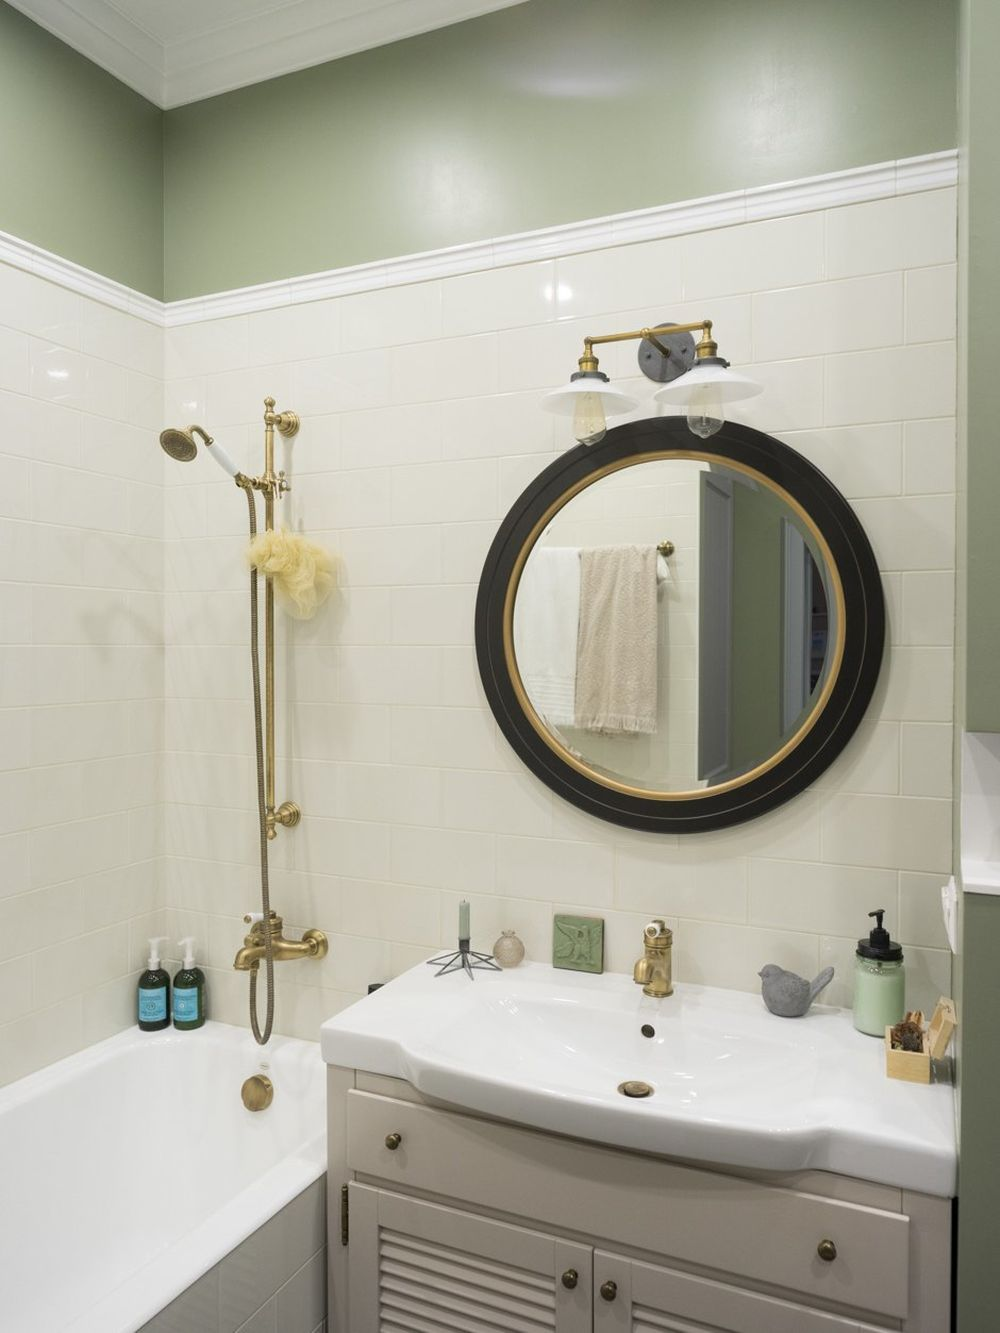 adelaparvu.com despre apartament 2 camere, 72 mp, Rusia, design Zi Design, Foto Polina Rukavichkina (16)